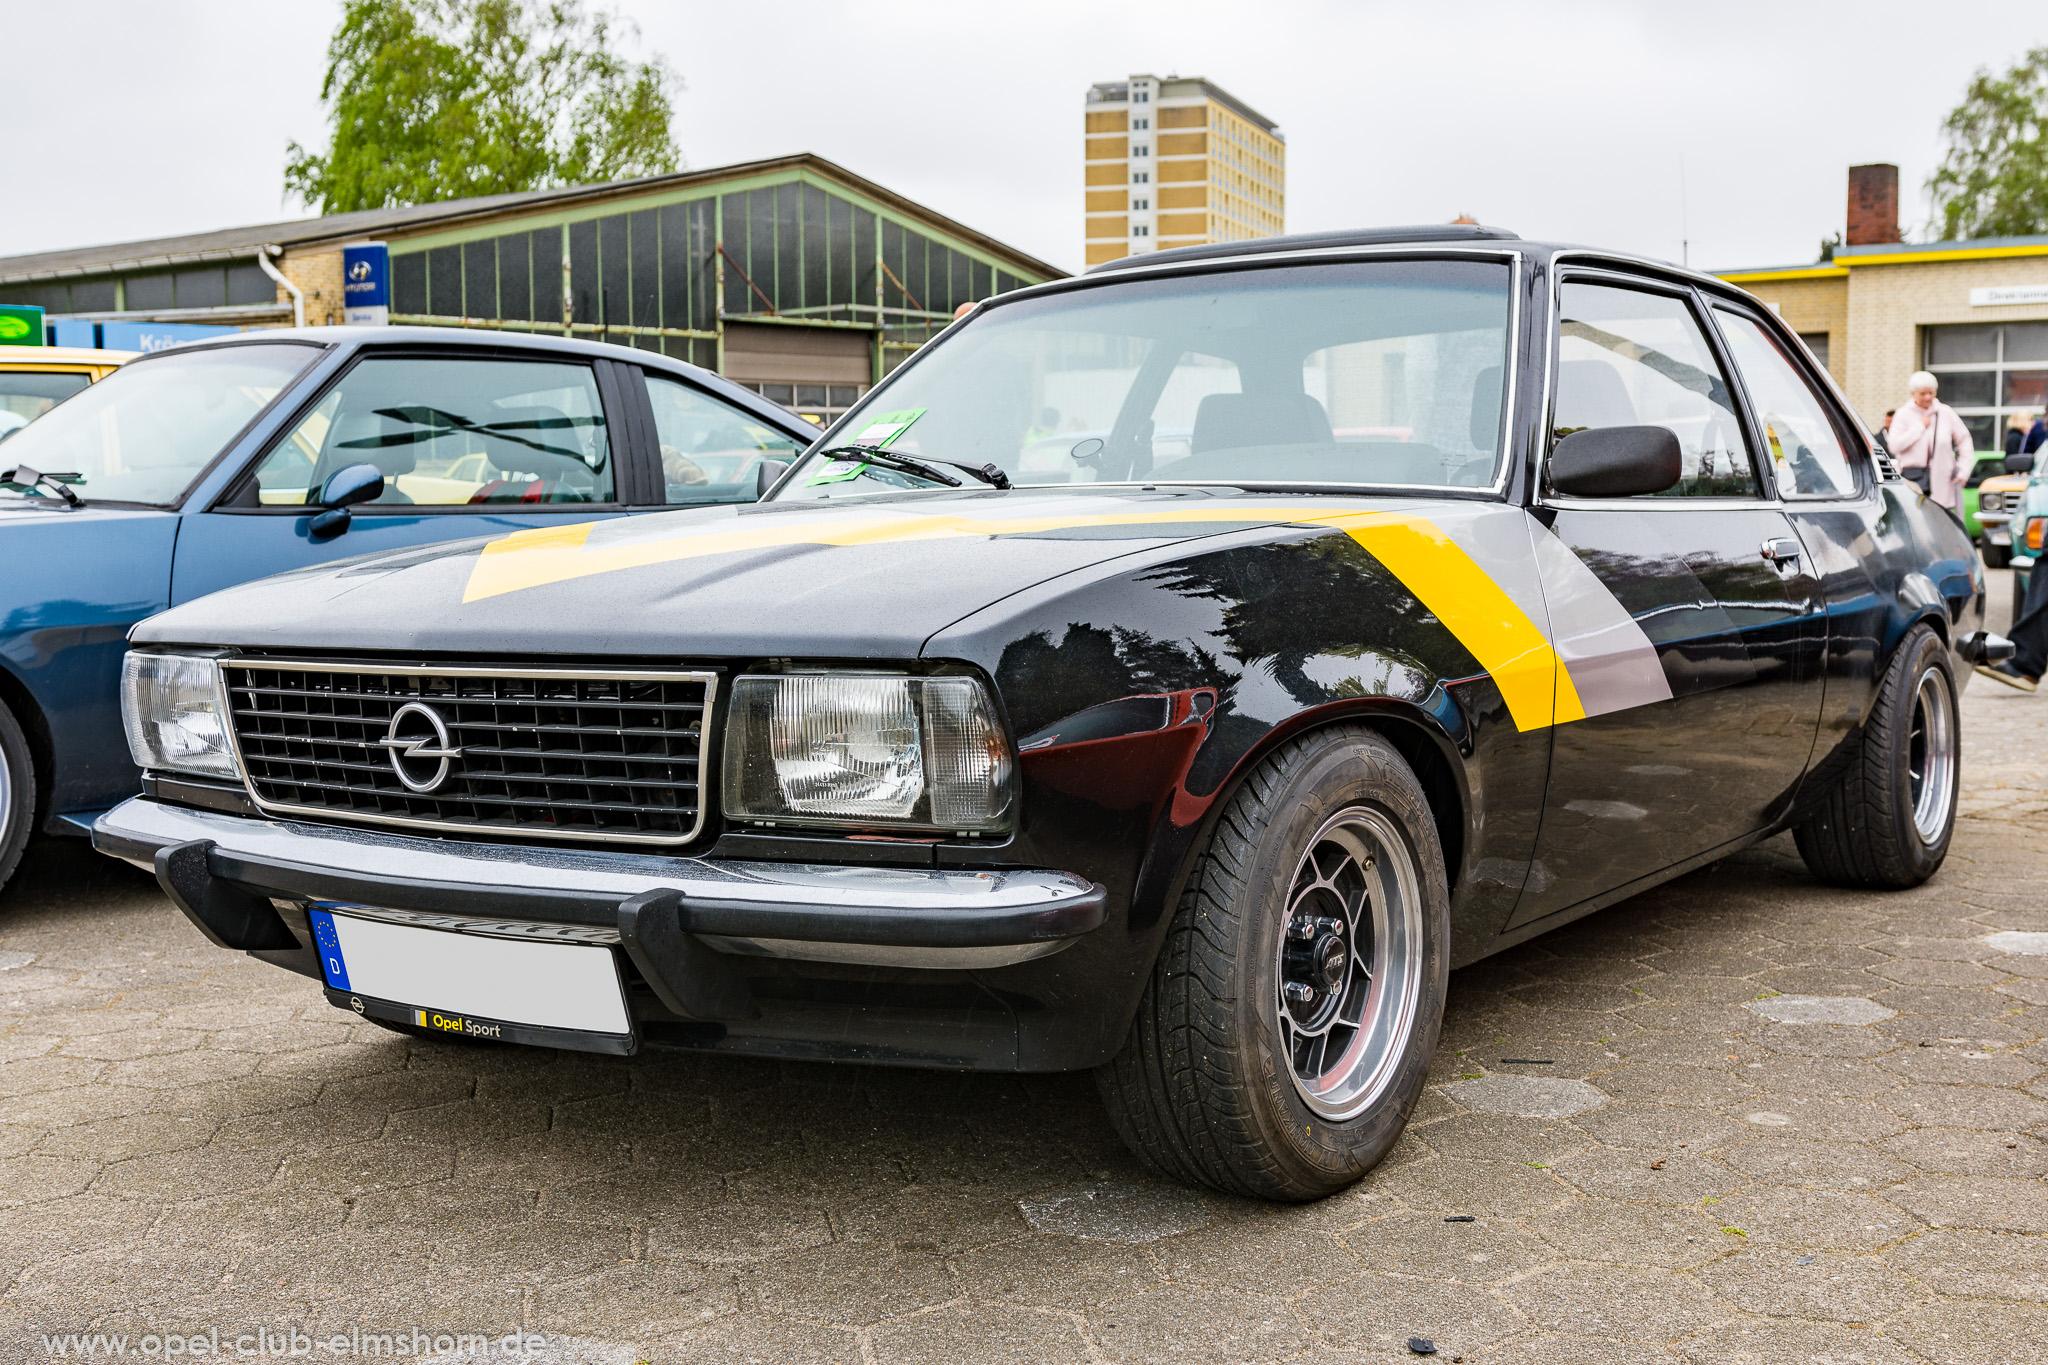 Altopeltreffen Wedel 2019 - 20190501_112947 - Opel Ascona B